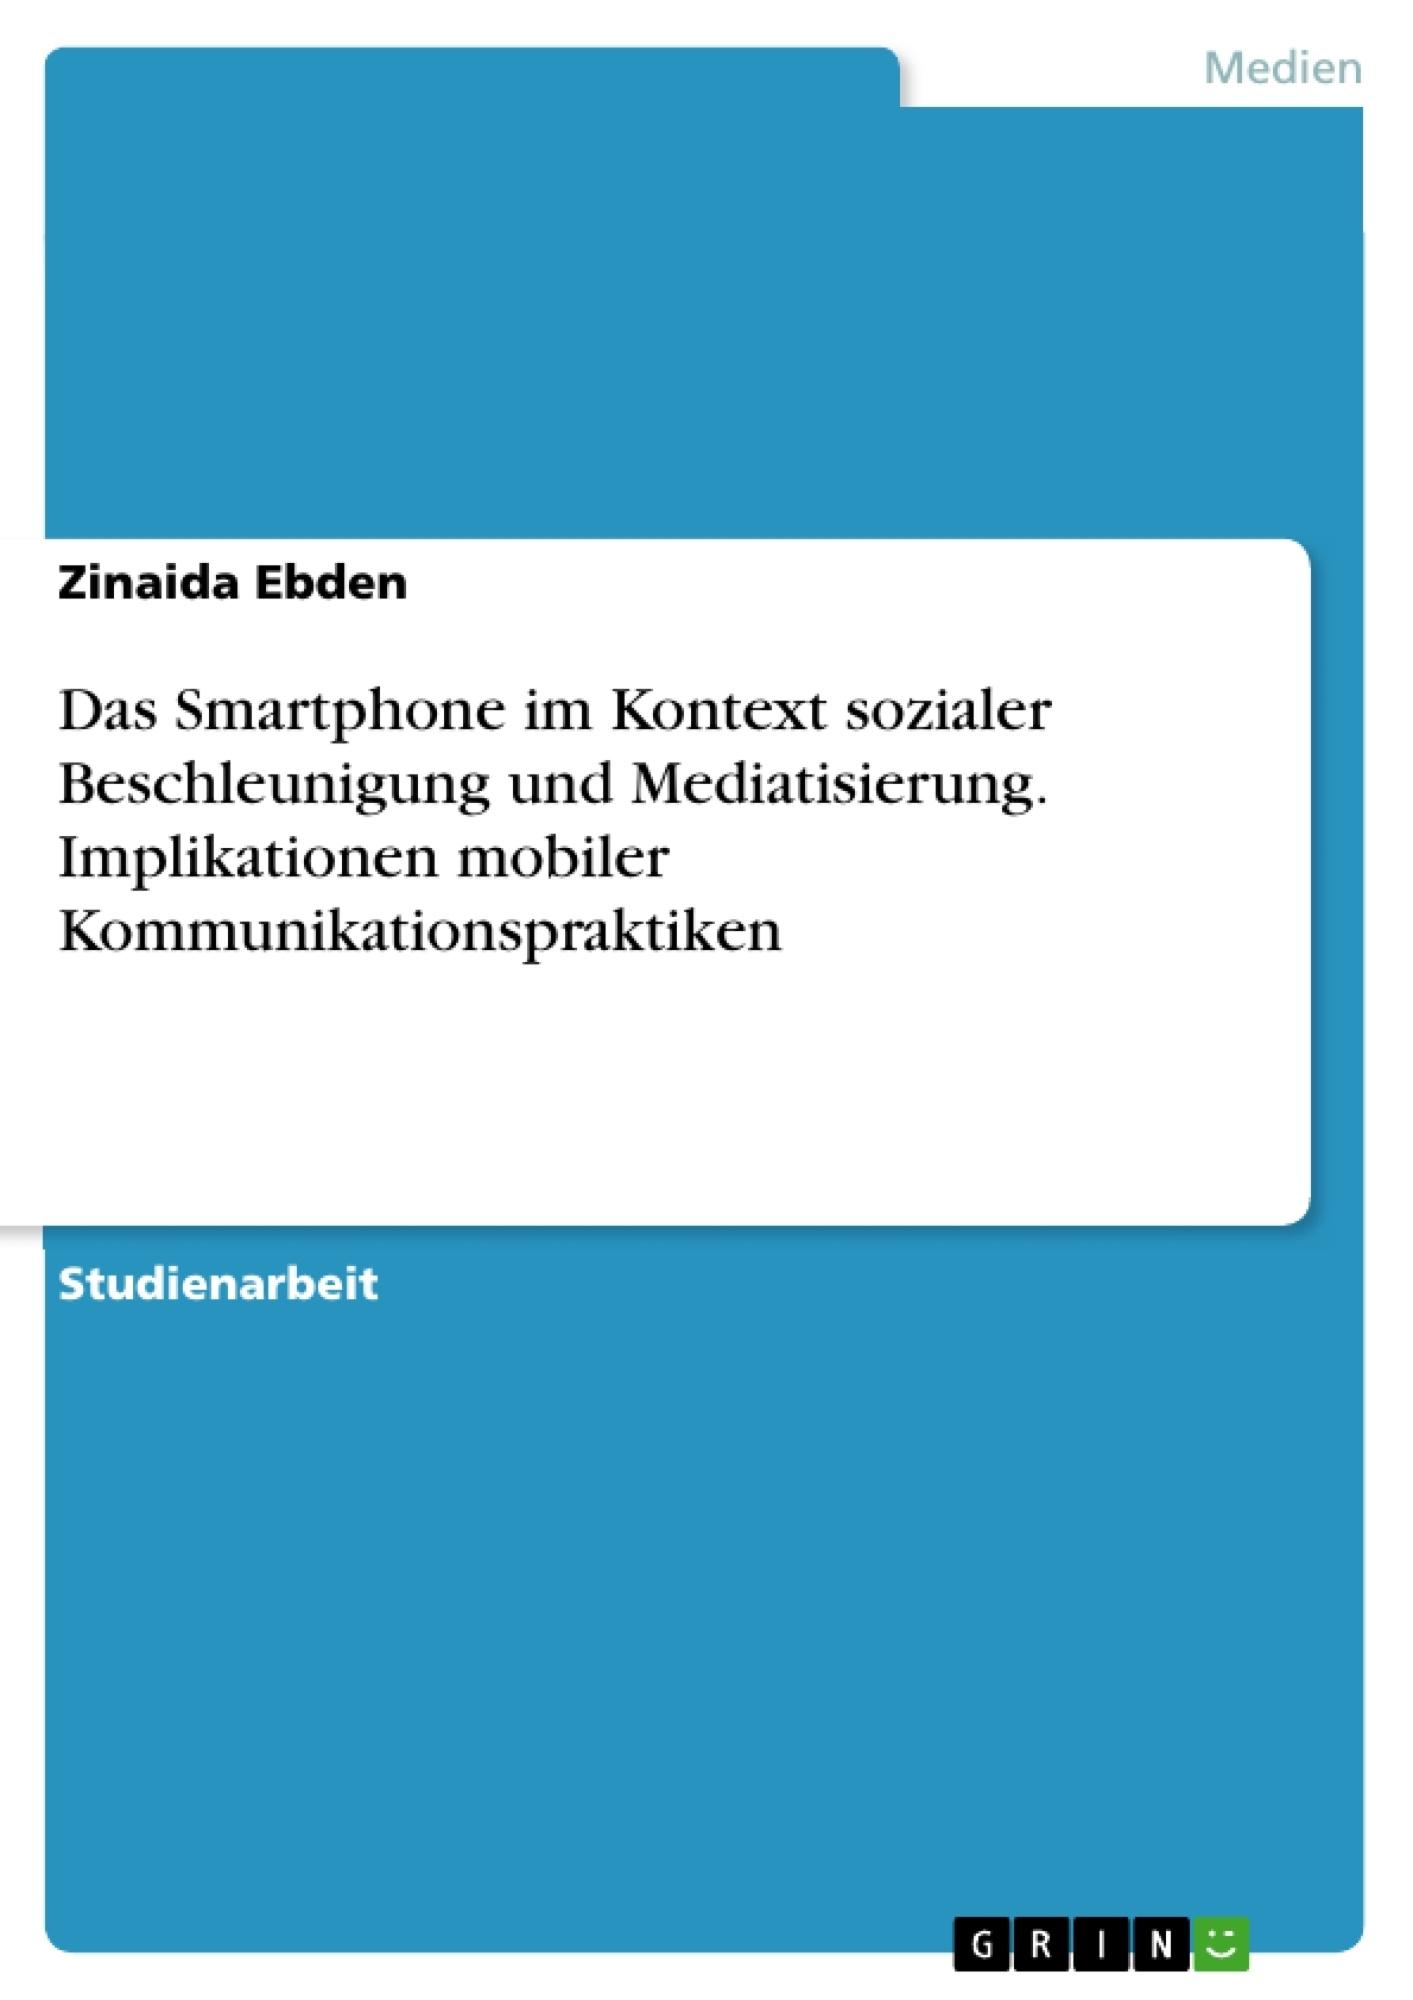 Titel: Das Smartphone im Kontext sozialer Beschleunigung und Mediatisierung. Implikationen mobiler Kommunikationspraktiken